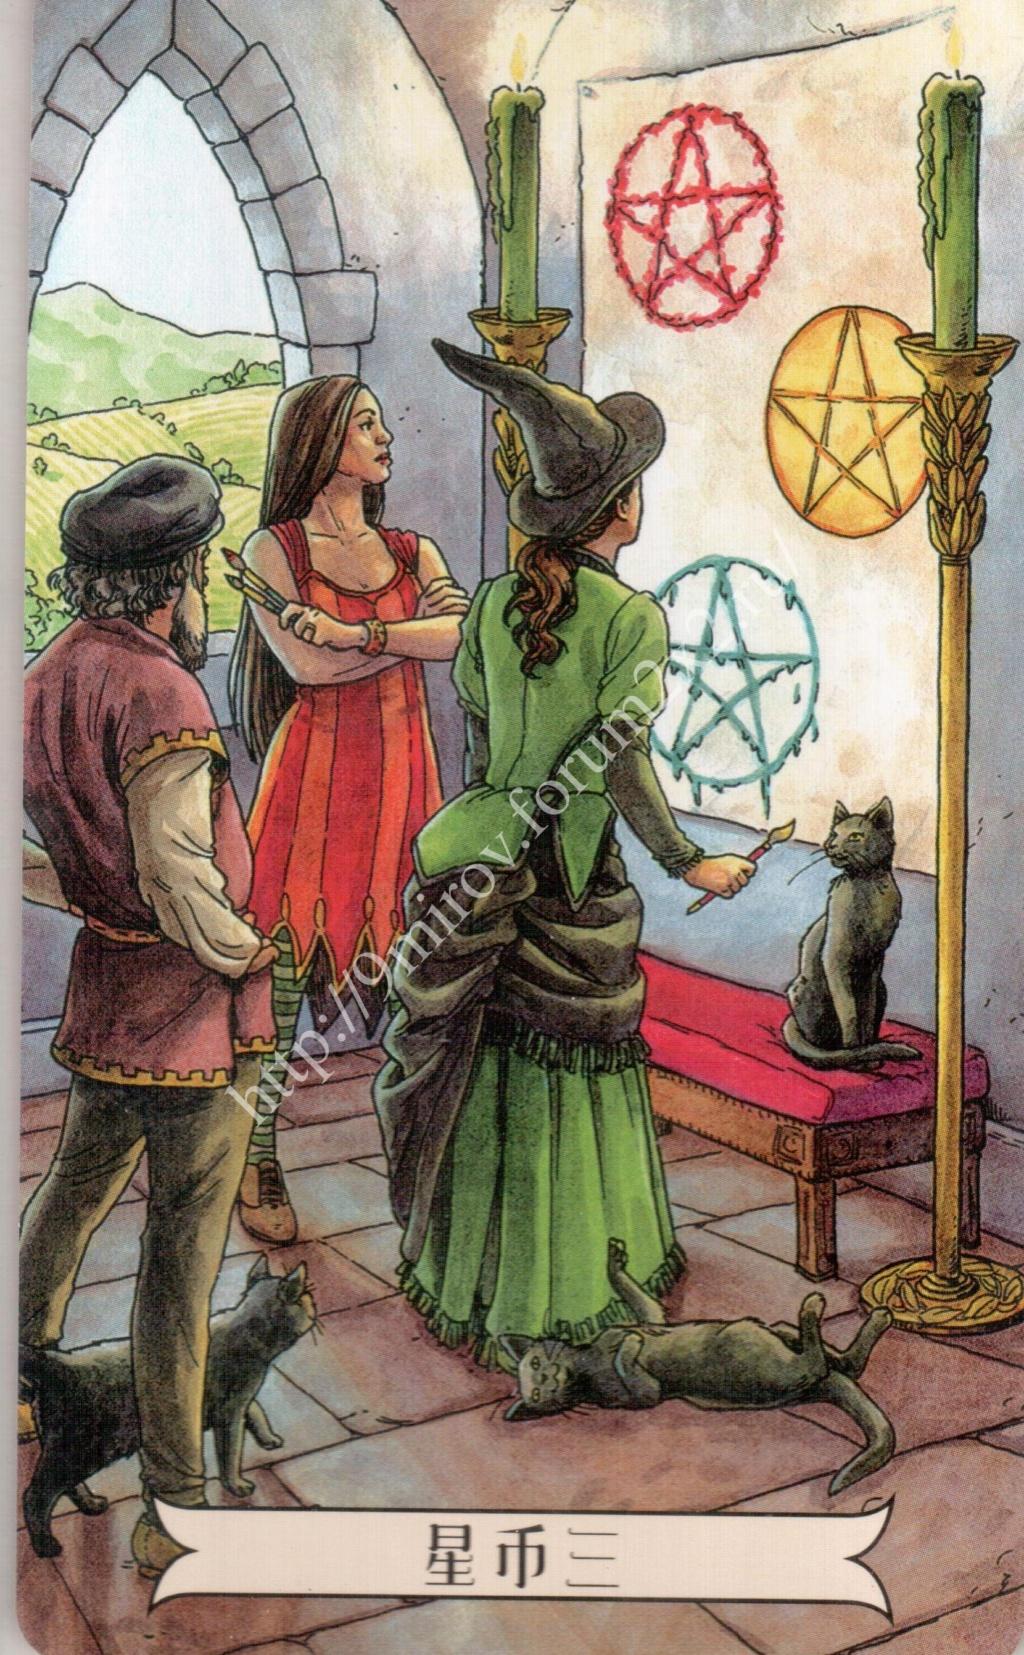 """""""Ведьма каждый день"""" (Ведьма день за днем, Everyday Witch Tarot). Китайская версия. Галерея.   Waterm21"""